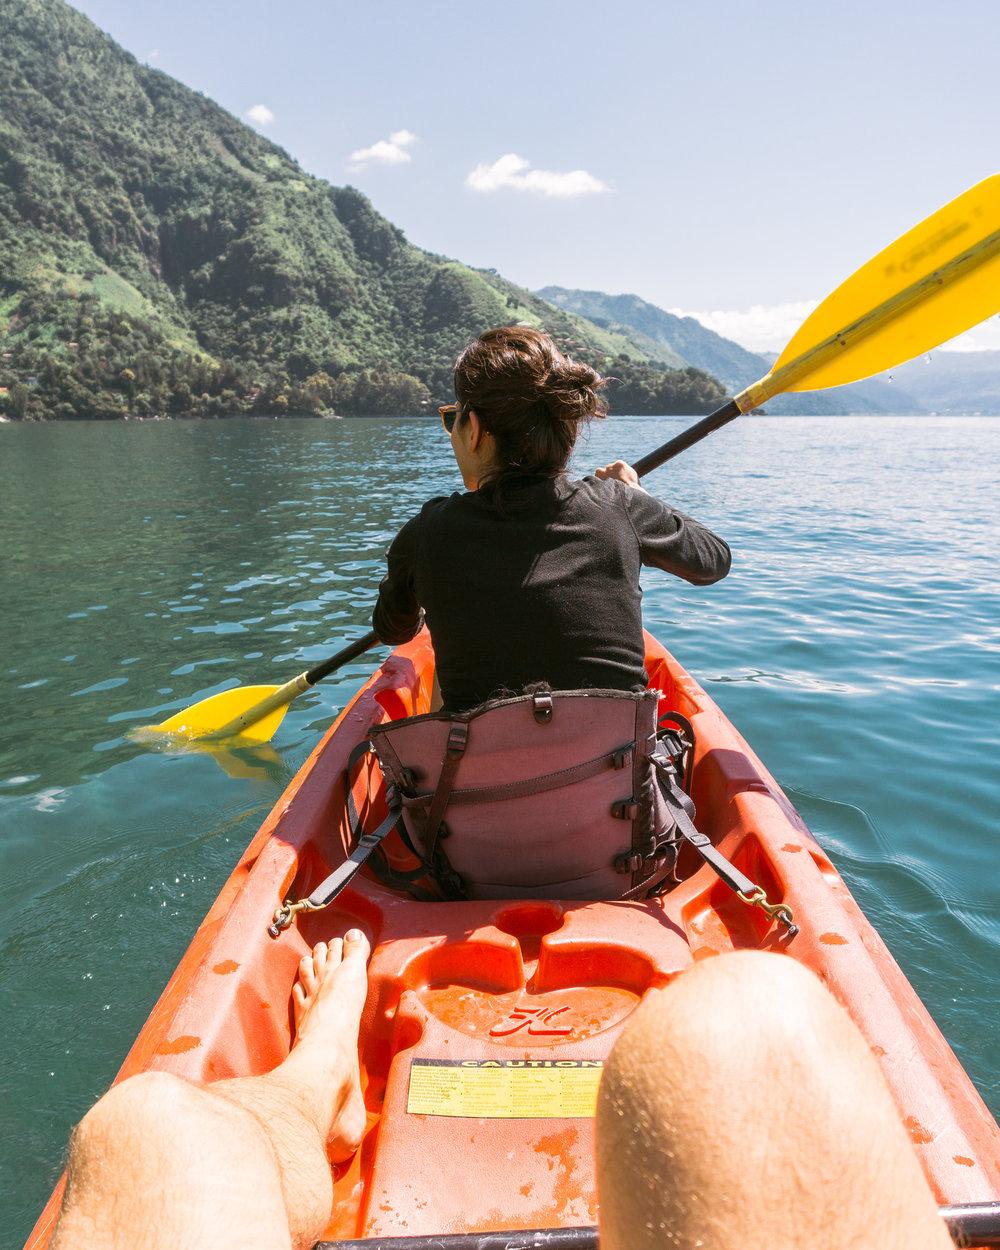 couple kayaking at lake Atitlan